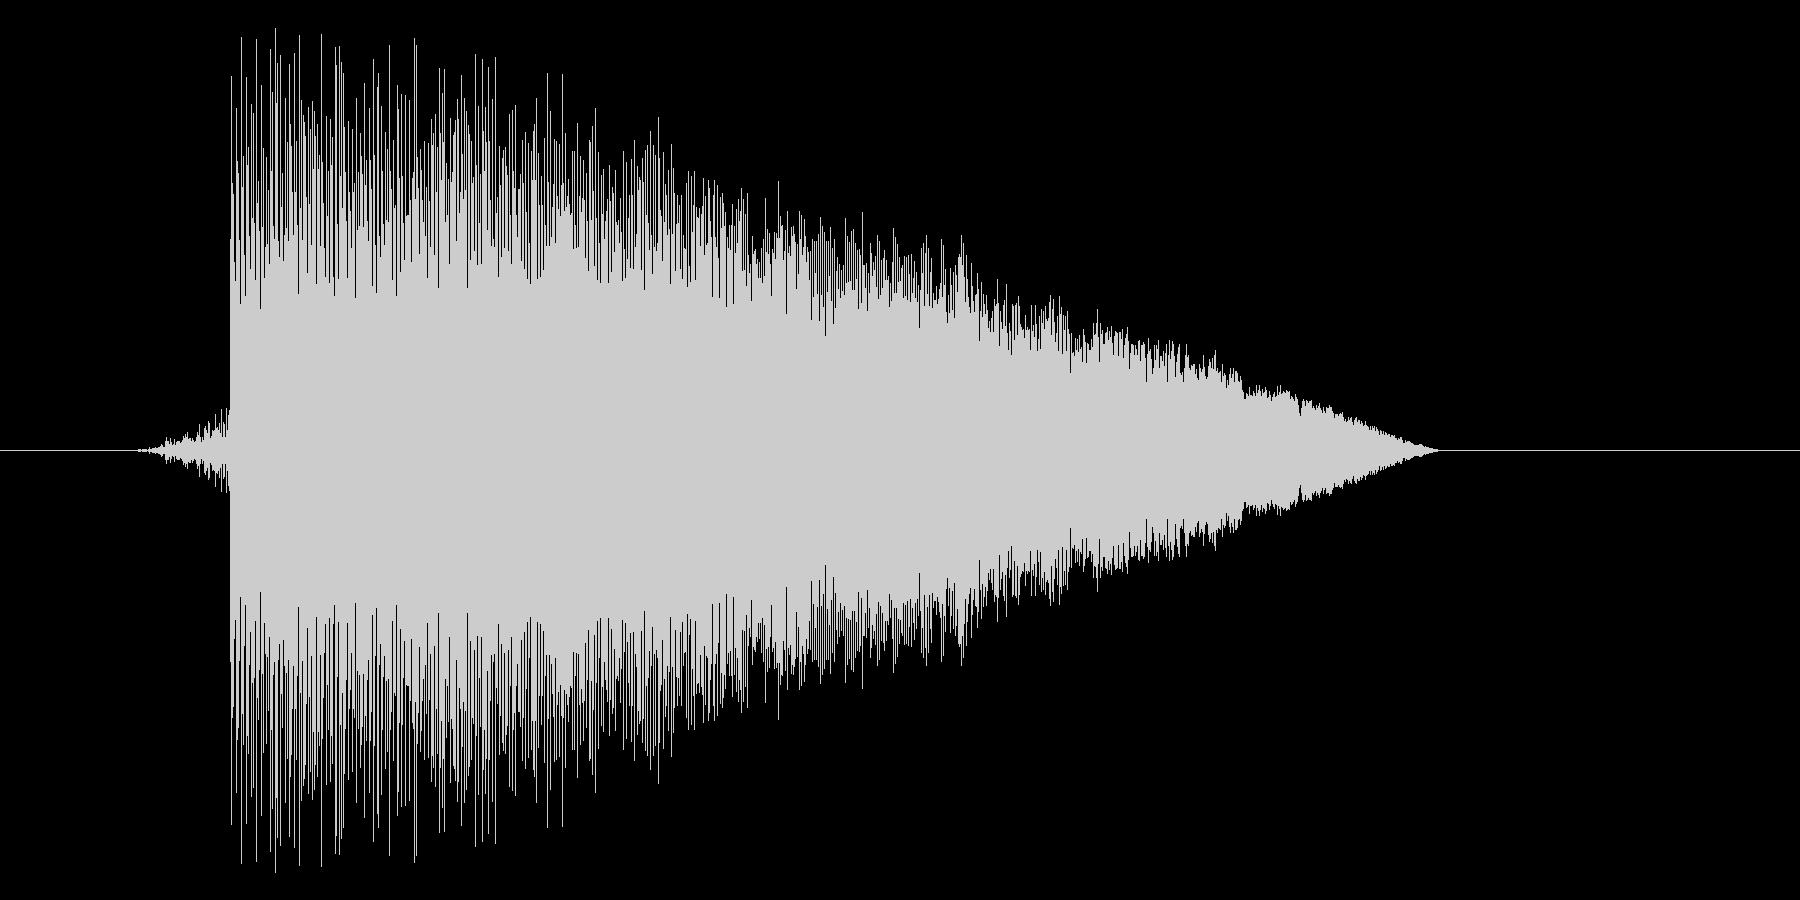 ゲーム(ファミコン風)ジャンプ音_031の未再生の波形